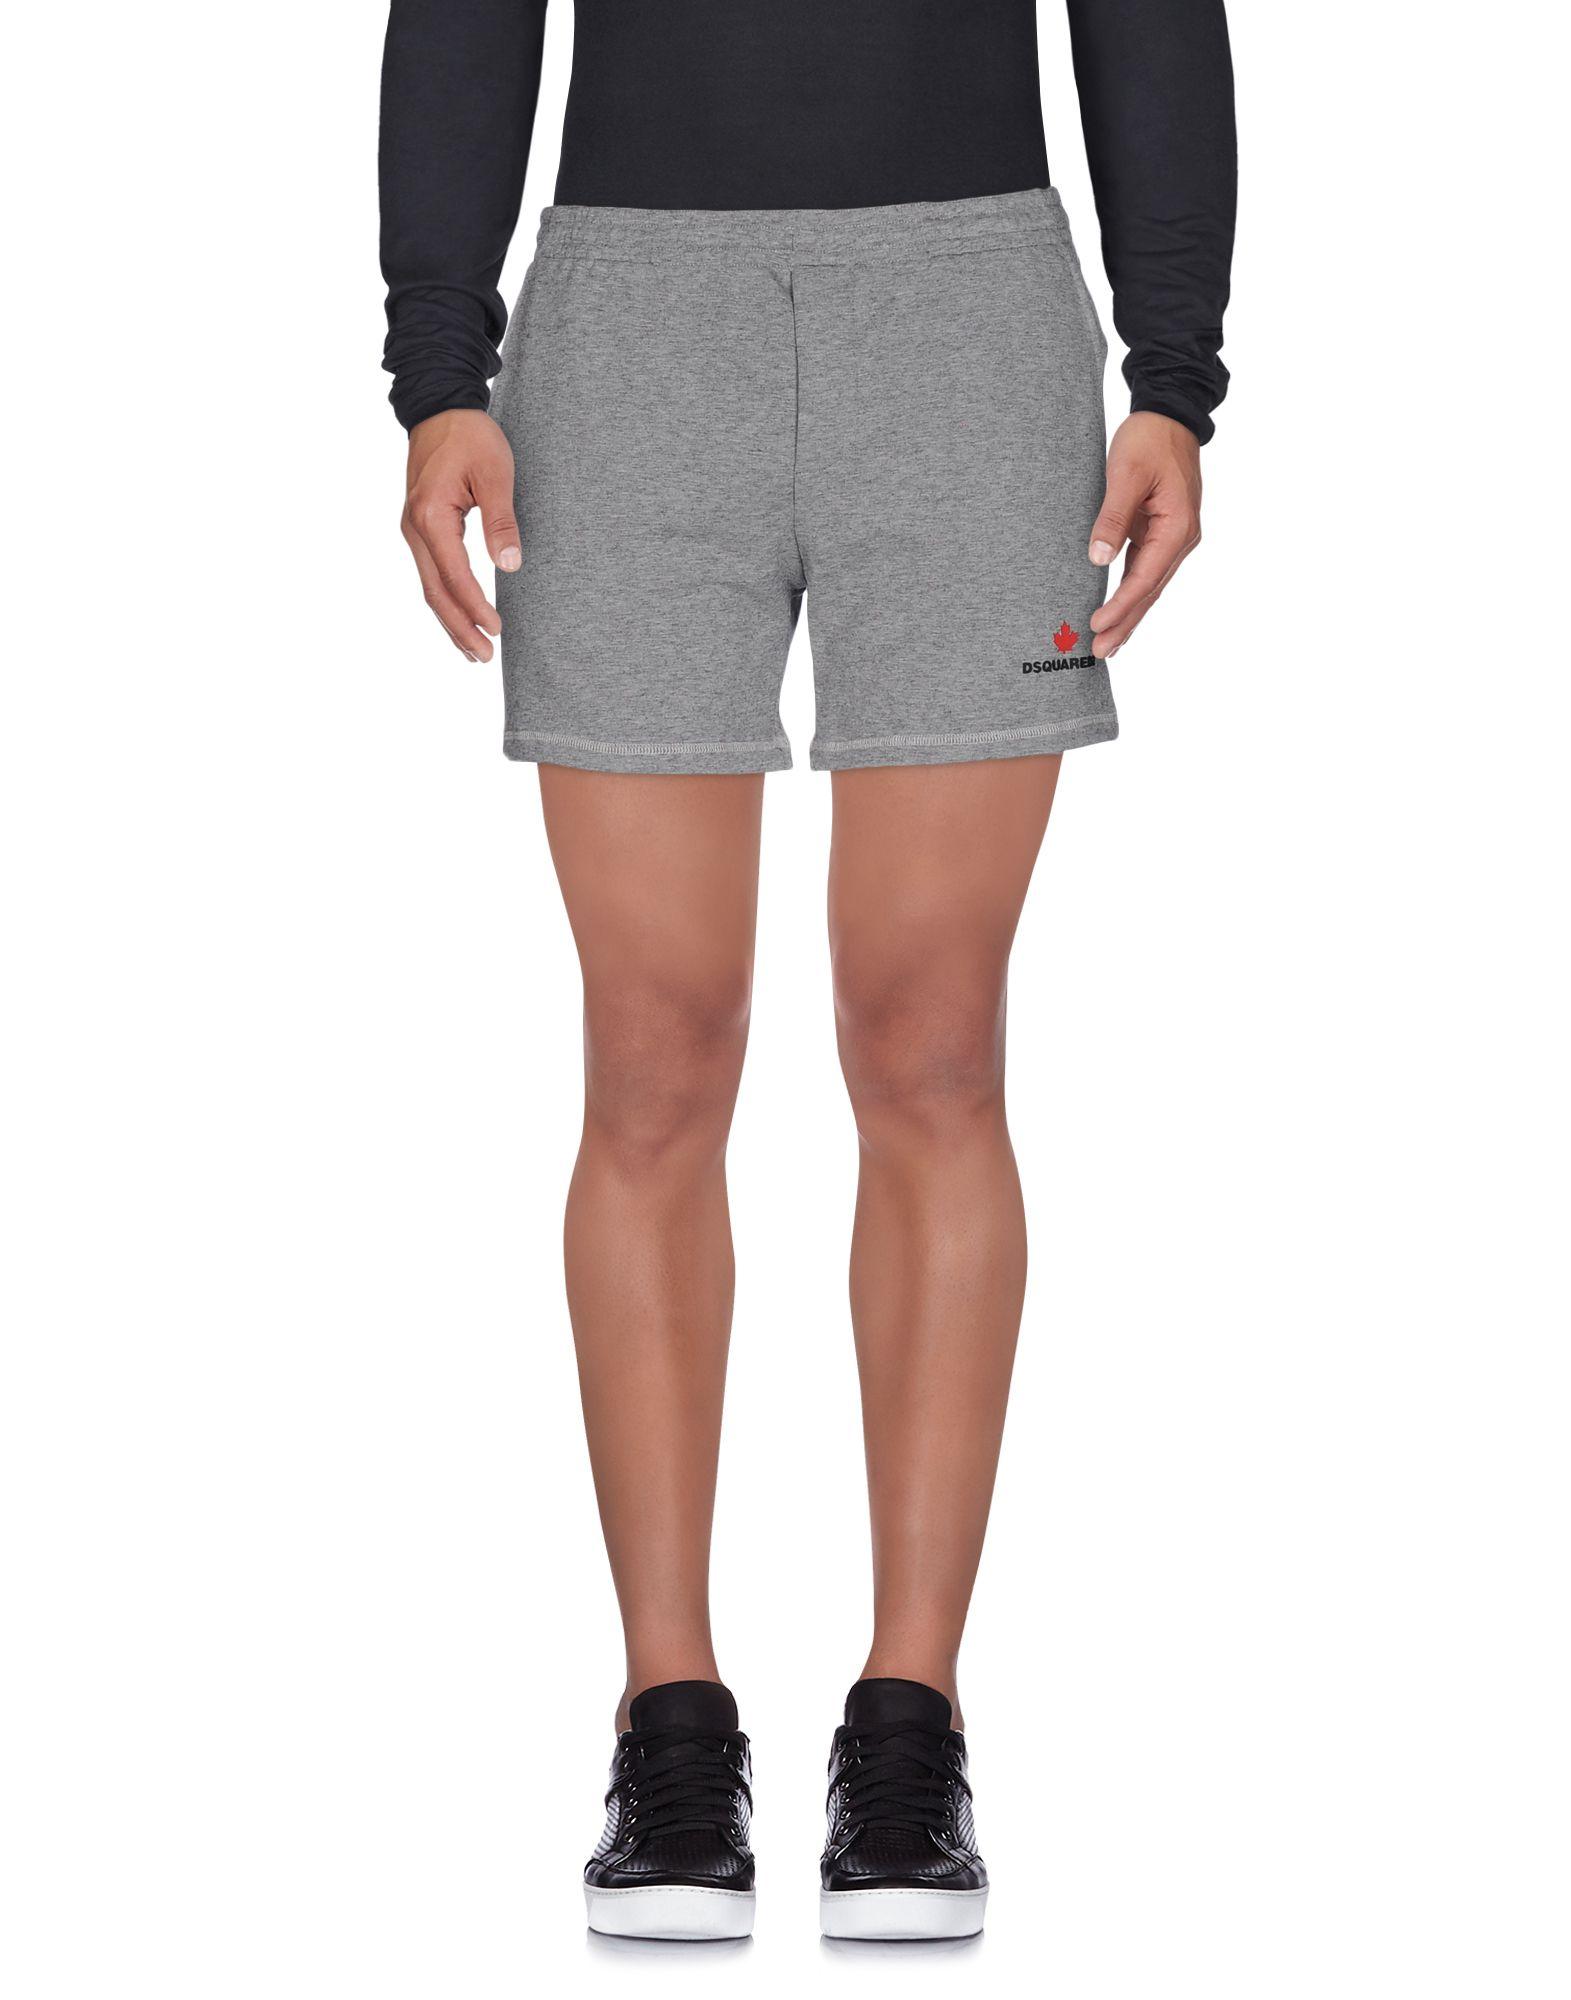 DSQUARED2 Herren Shorts Farbe Grau Größe 6 - broschei